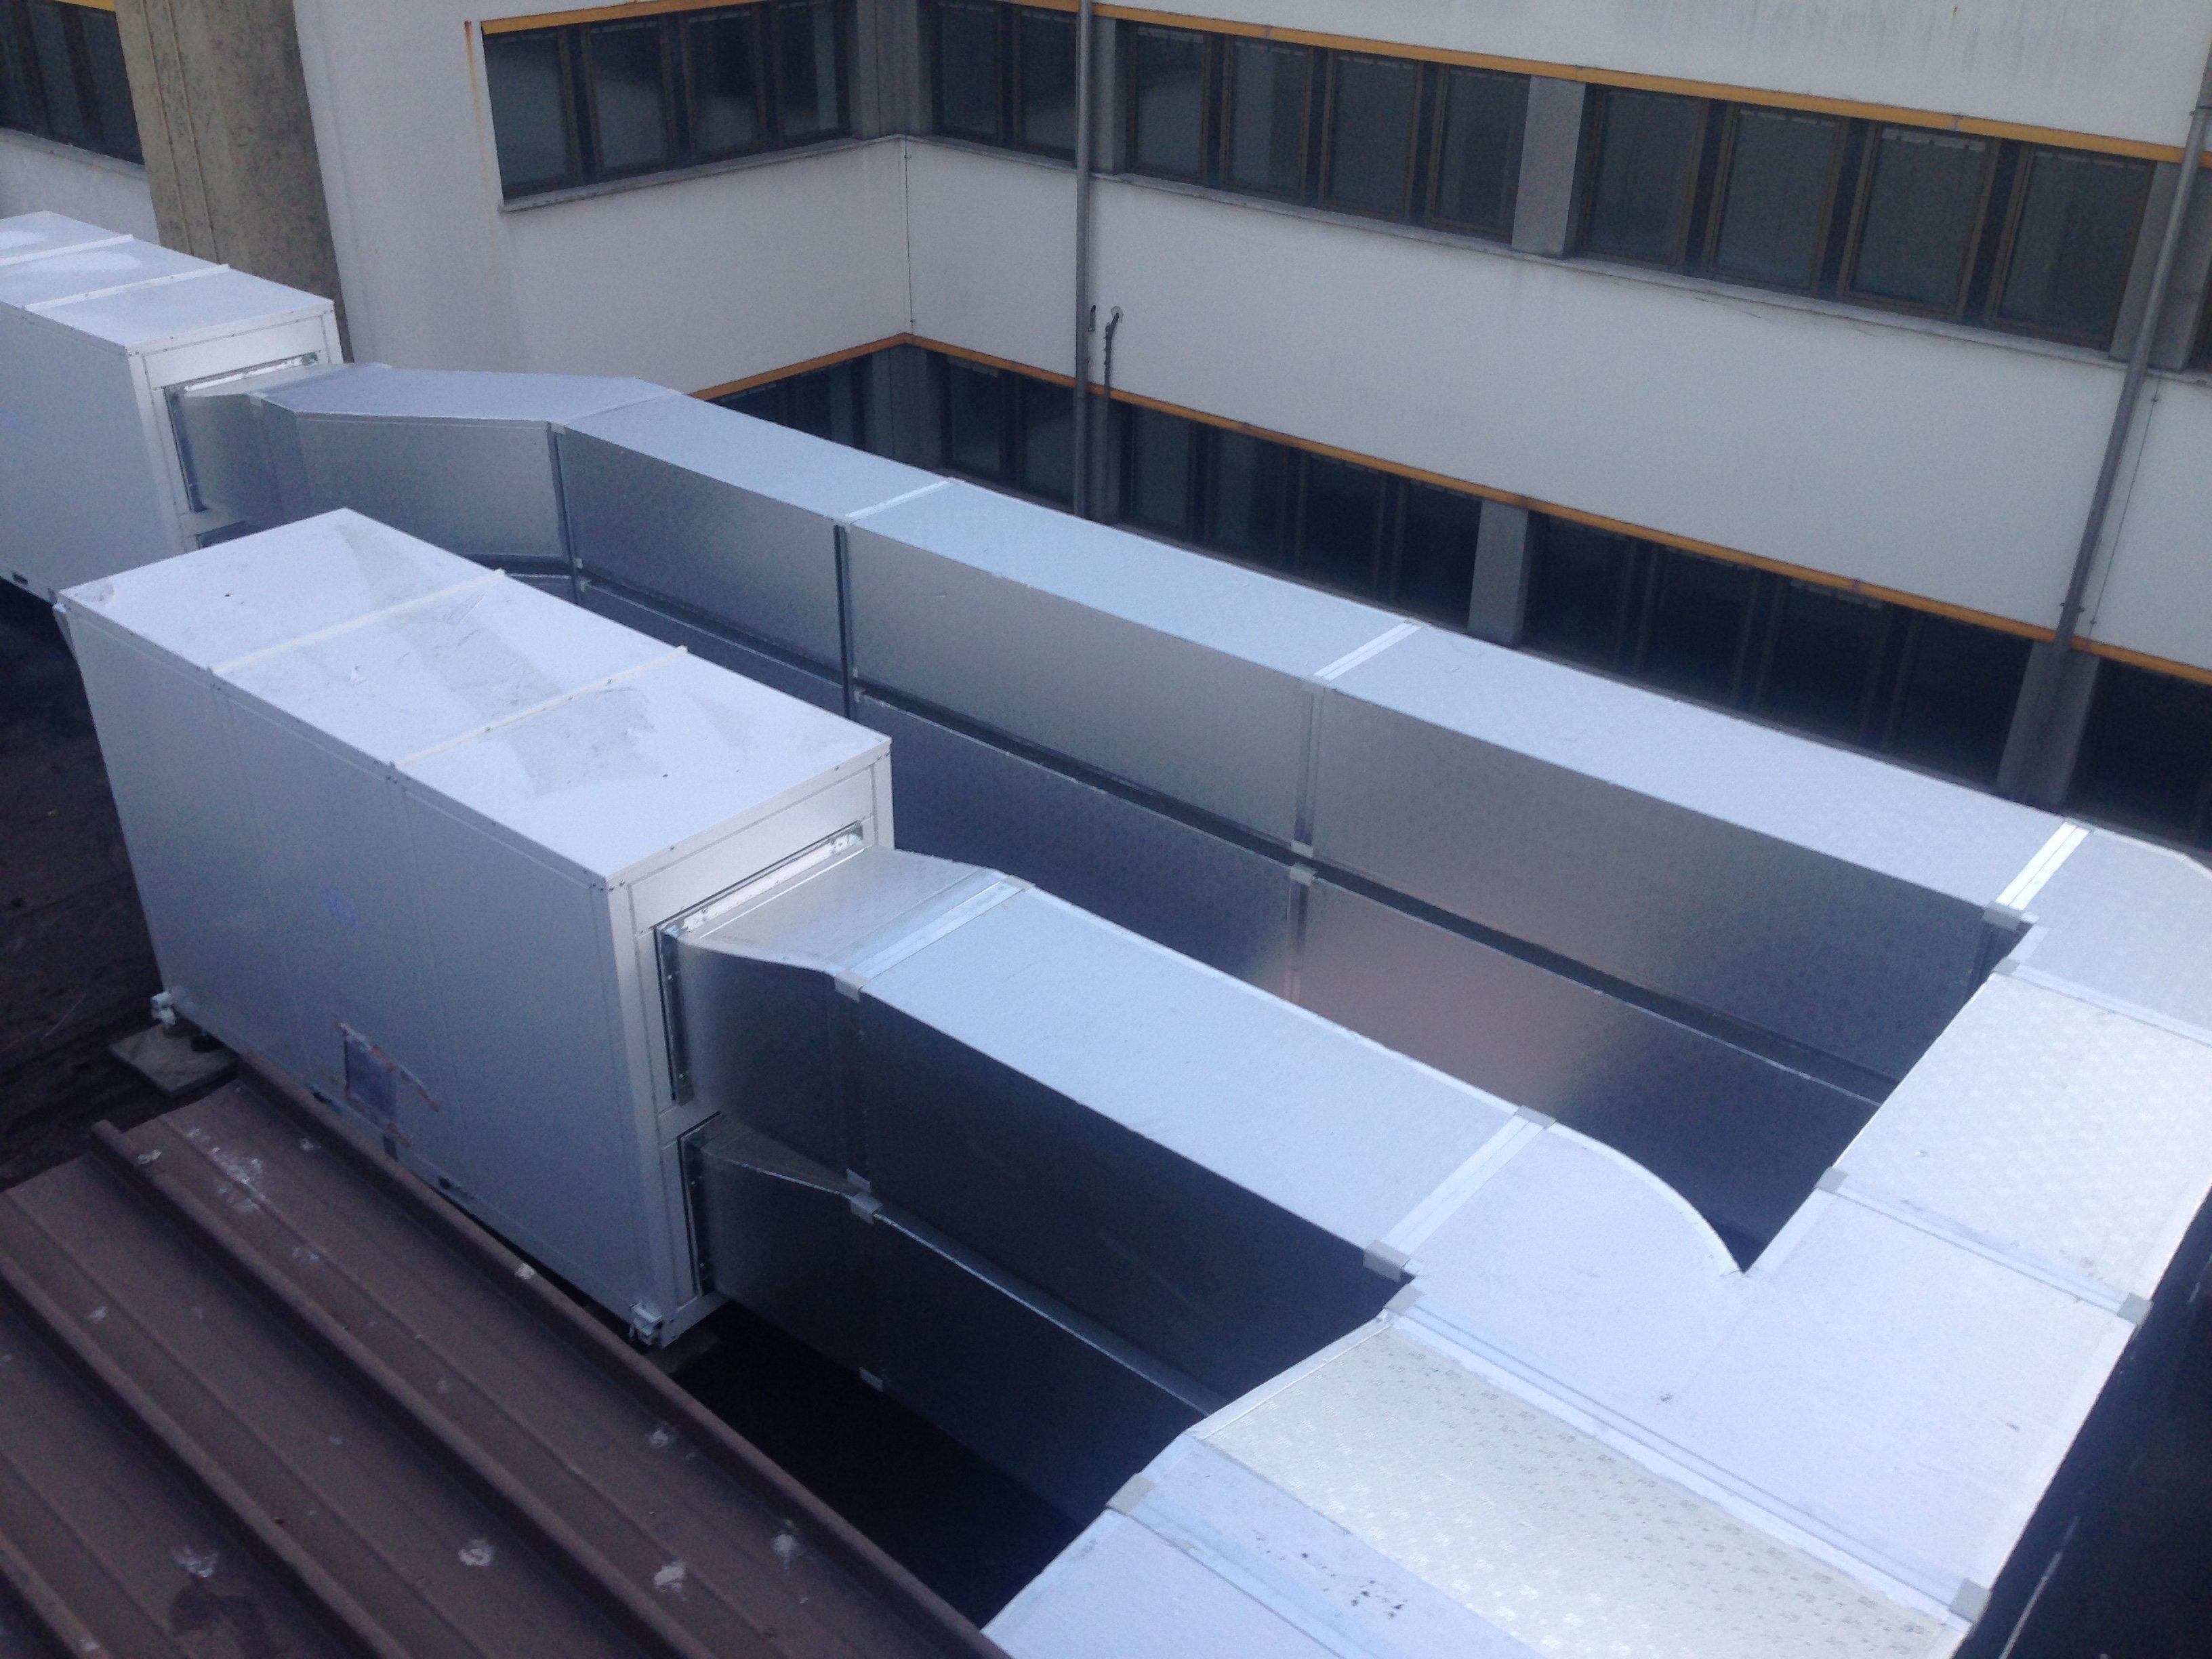 un motore e un condotto di un impianto su un tetto